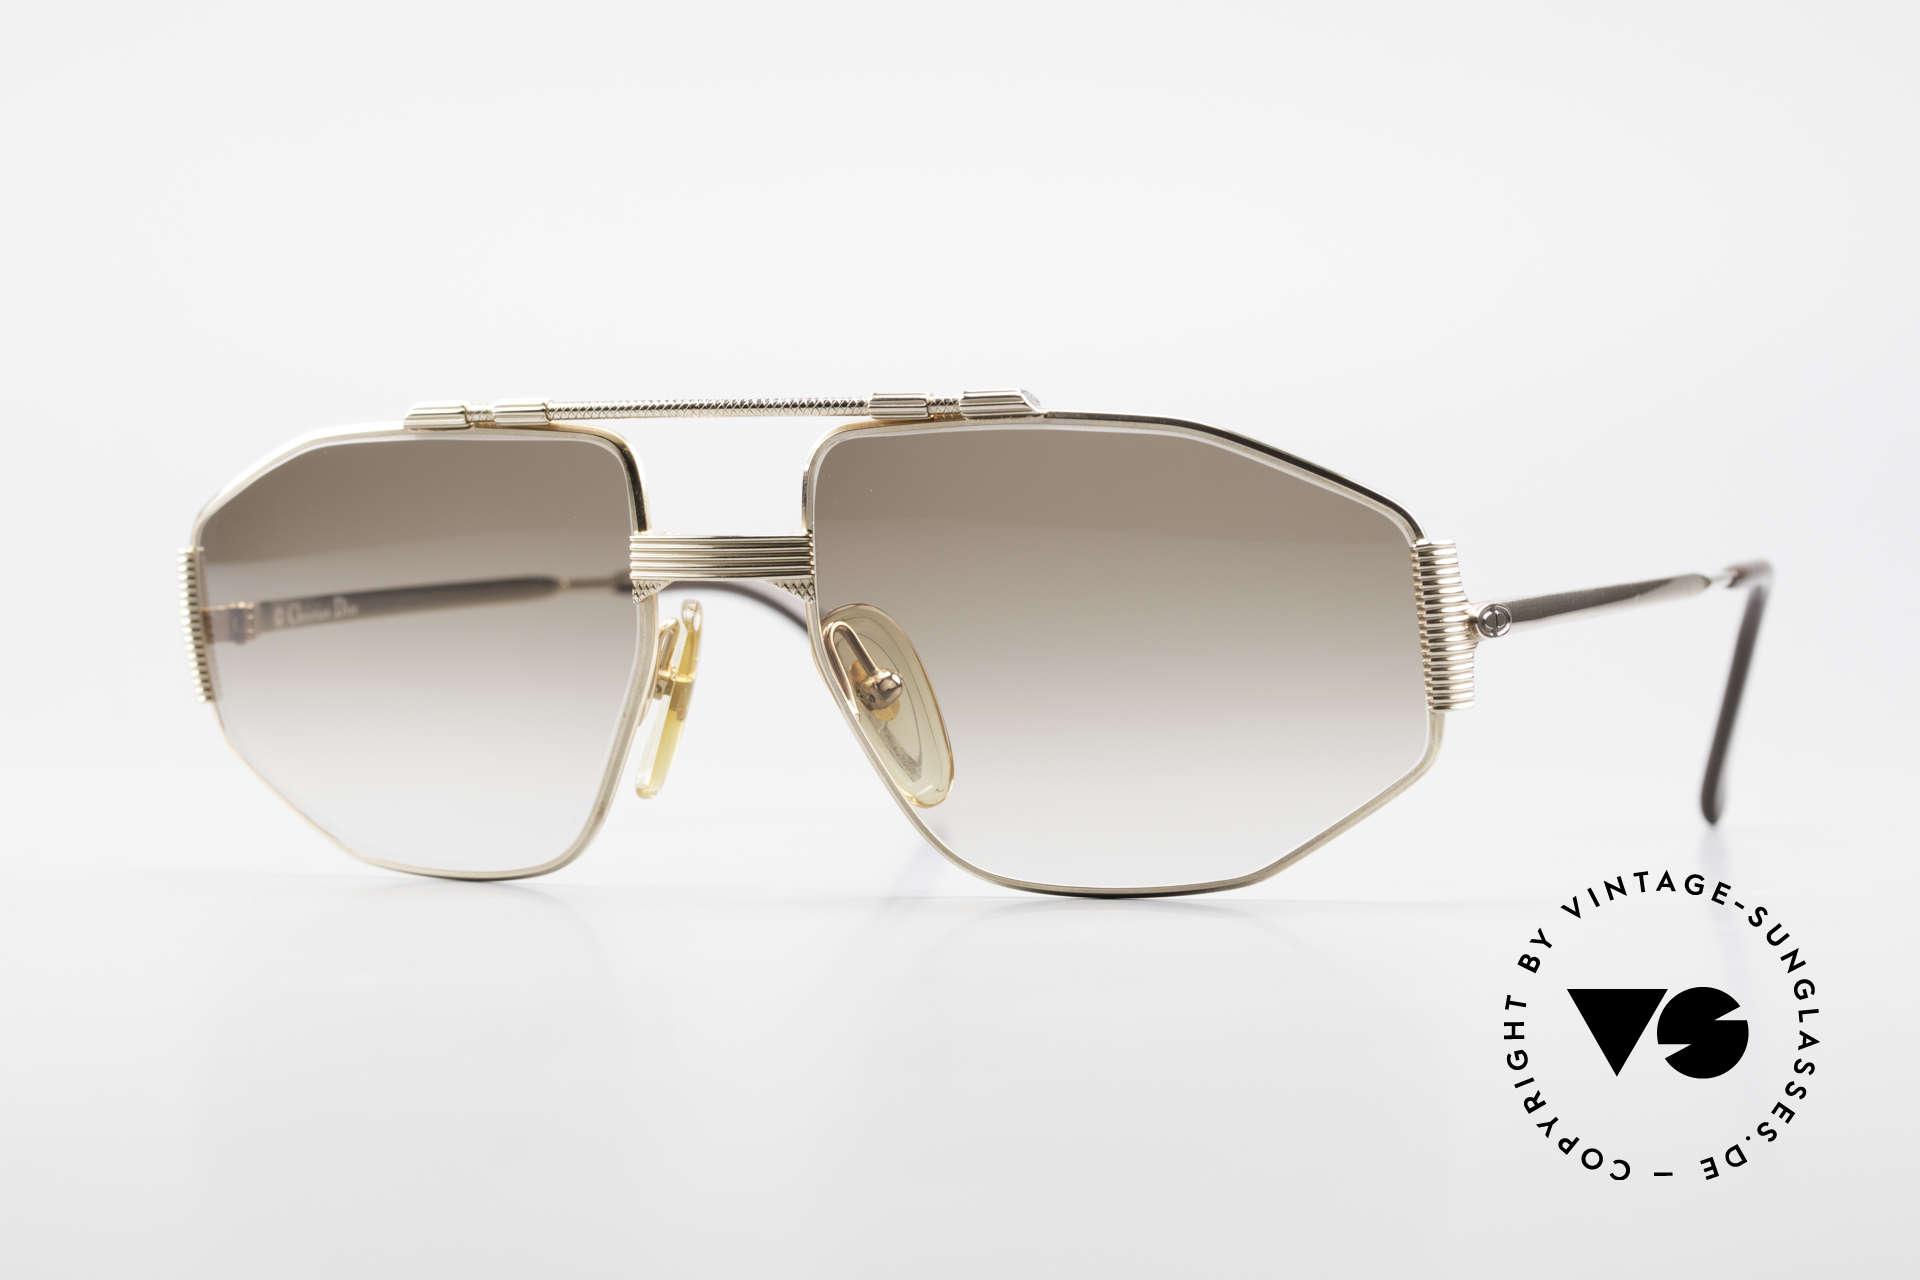 Christian Dior 2516 Vergoldete Sonnenbrille 80er, markante Christian Dior vintage Fassung von 1986, Passend für Herren